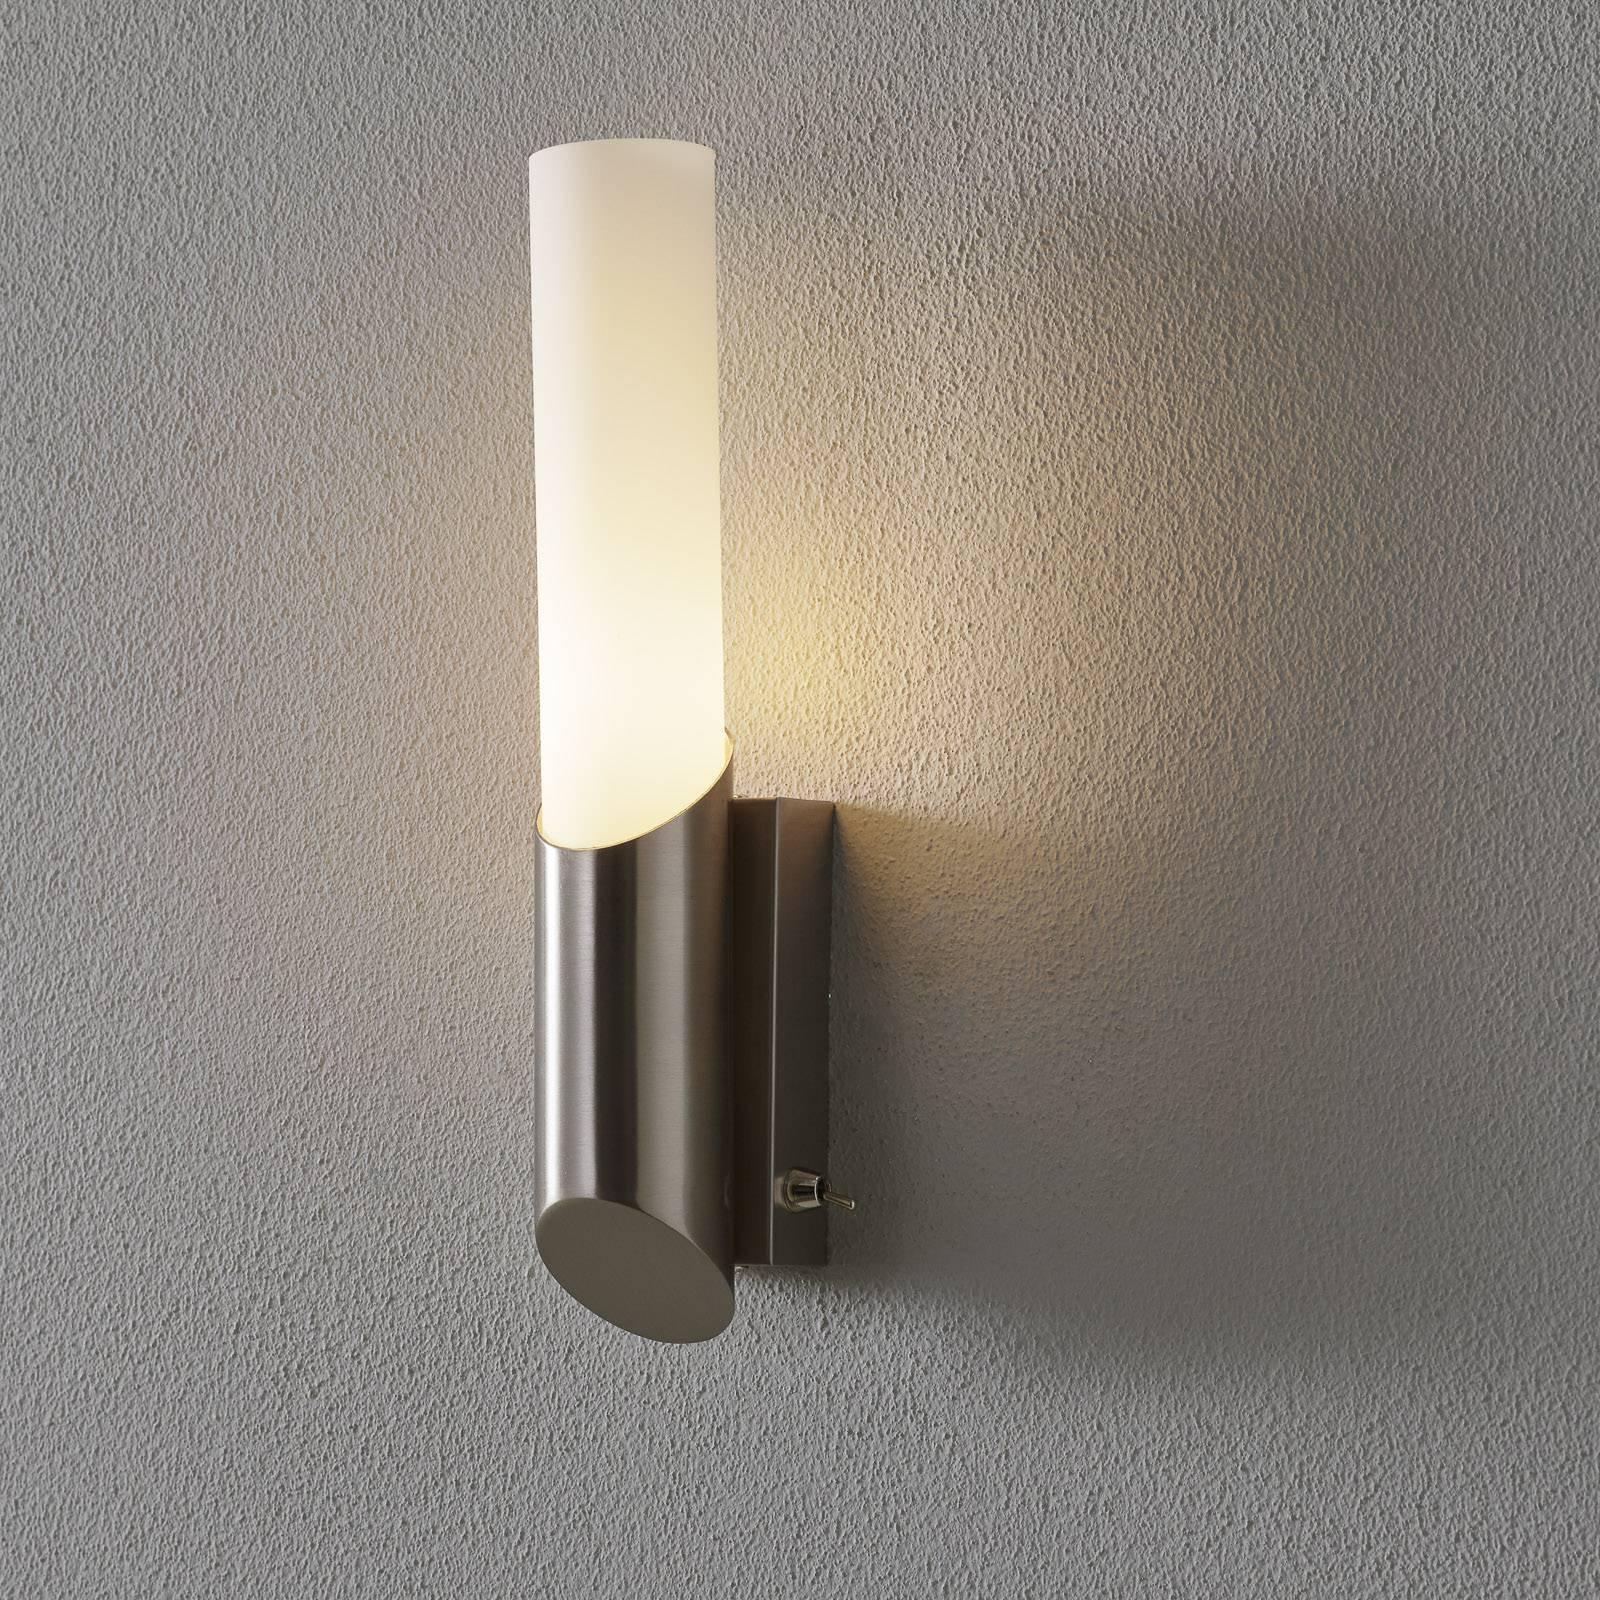 Moderne Hagen baderomslampe med bryter